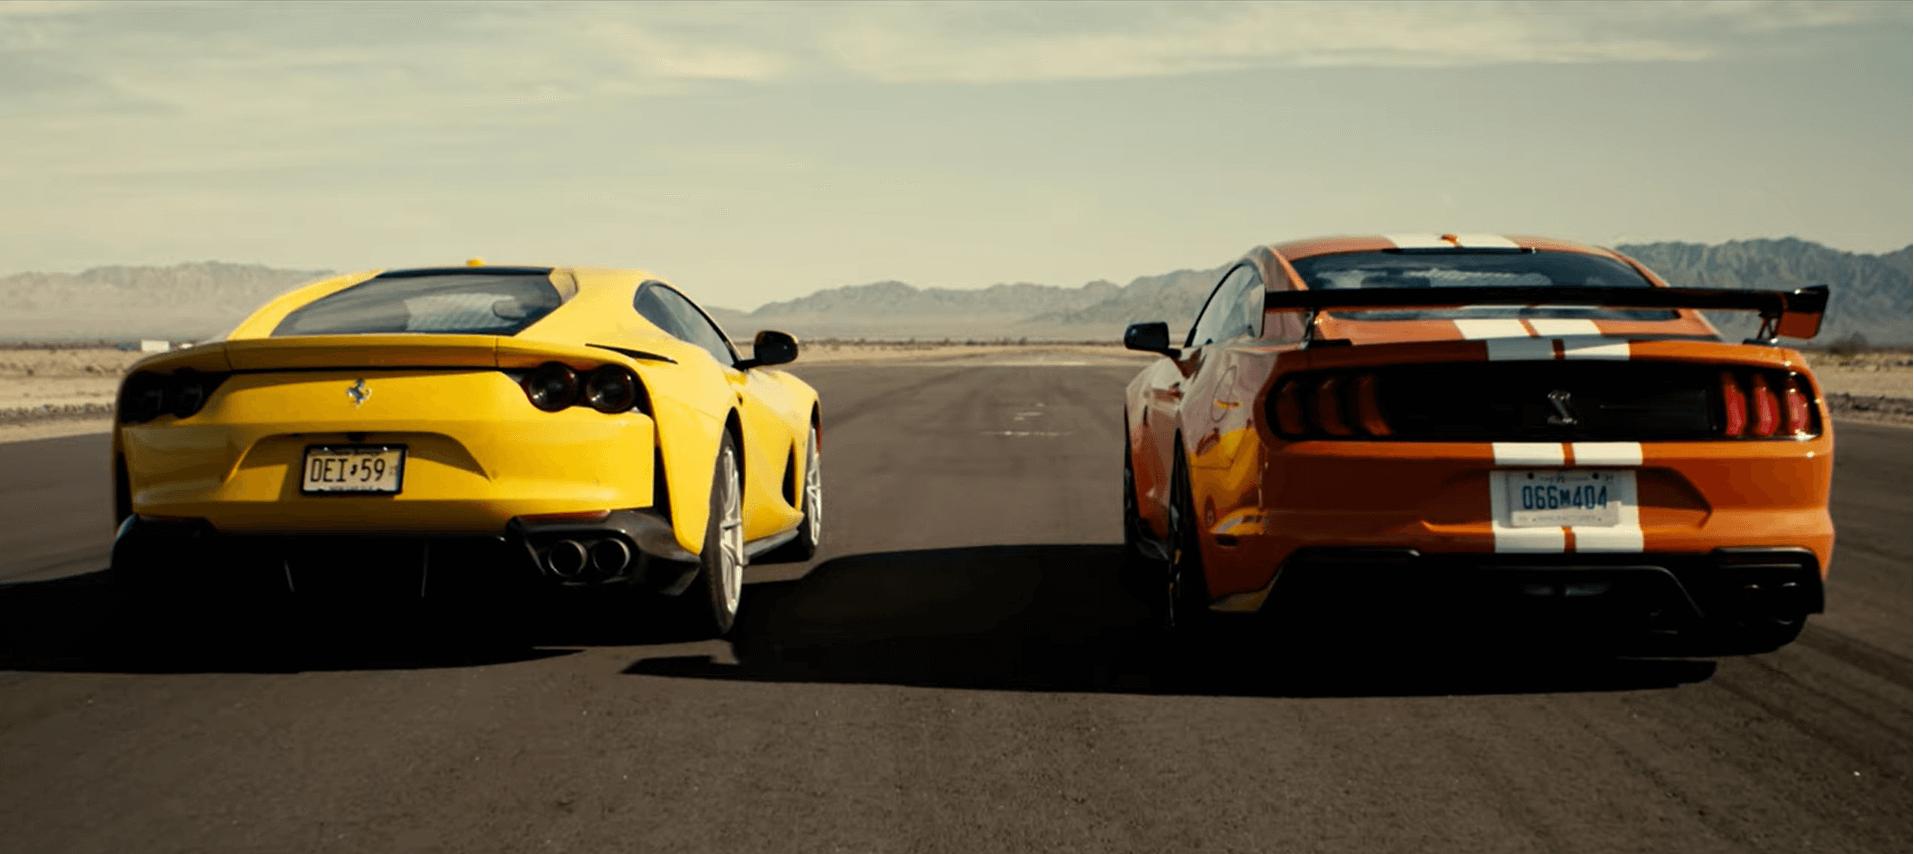 Ford Mustang vs Ferrari 812 Superfast